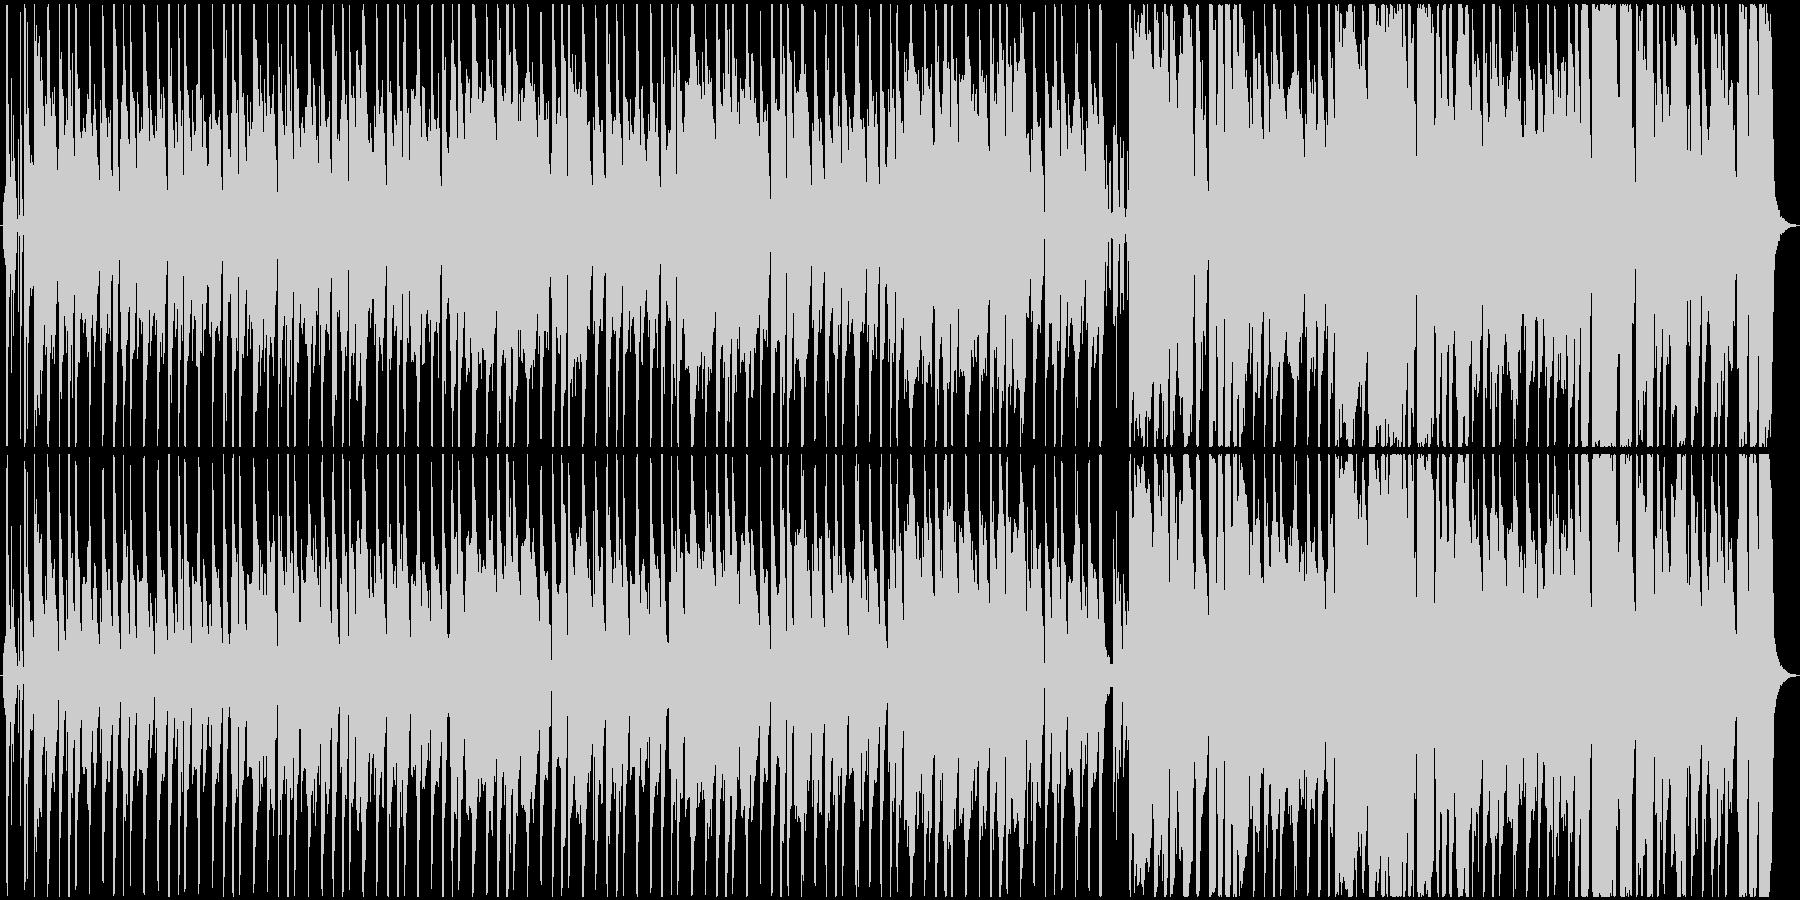 コミカル 気怠い感じのファンクの未再生の波形